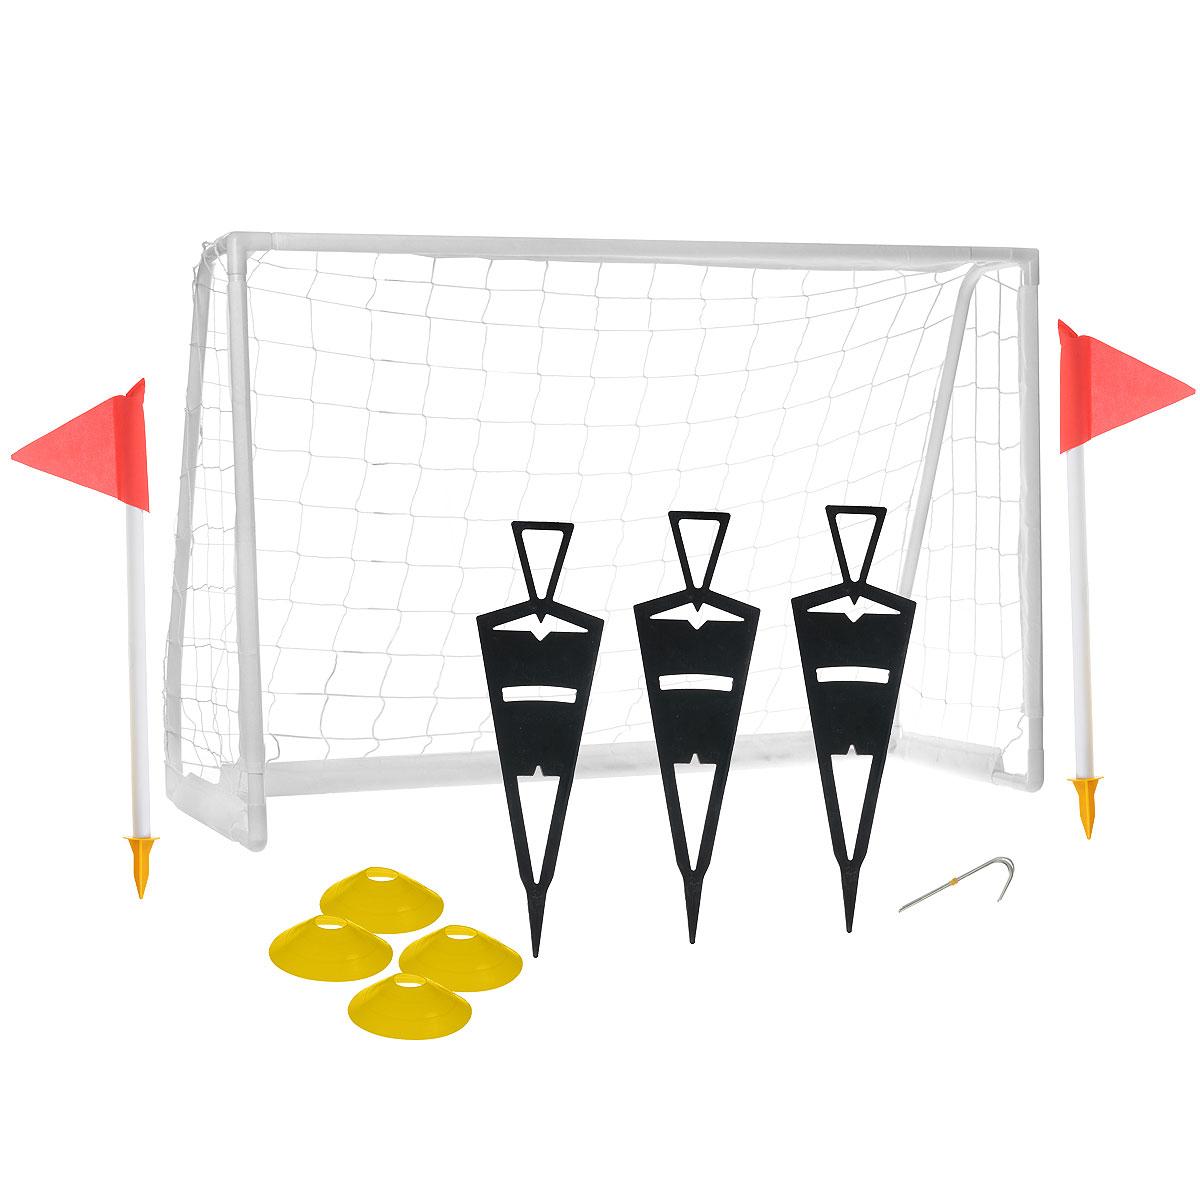 Набор Русские Подарки Звезда футбола, размер: 120*47*80 см. 299403 горловик для футбола купить